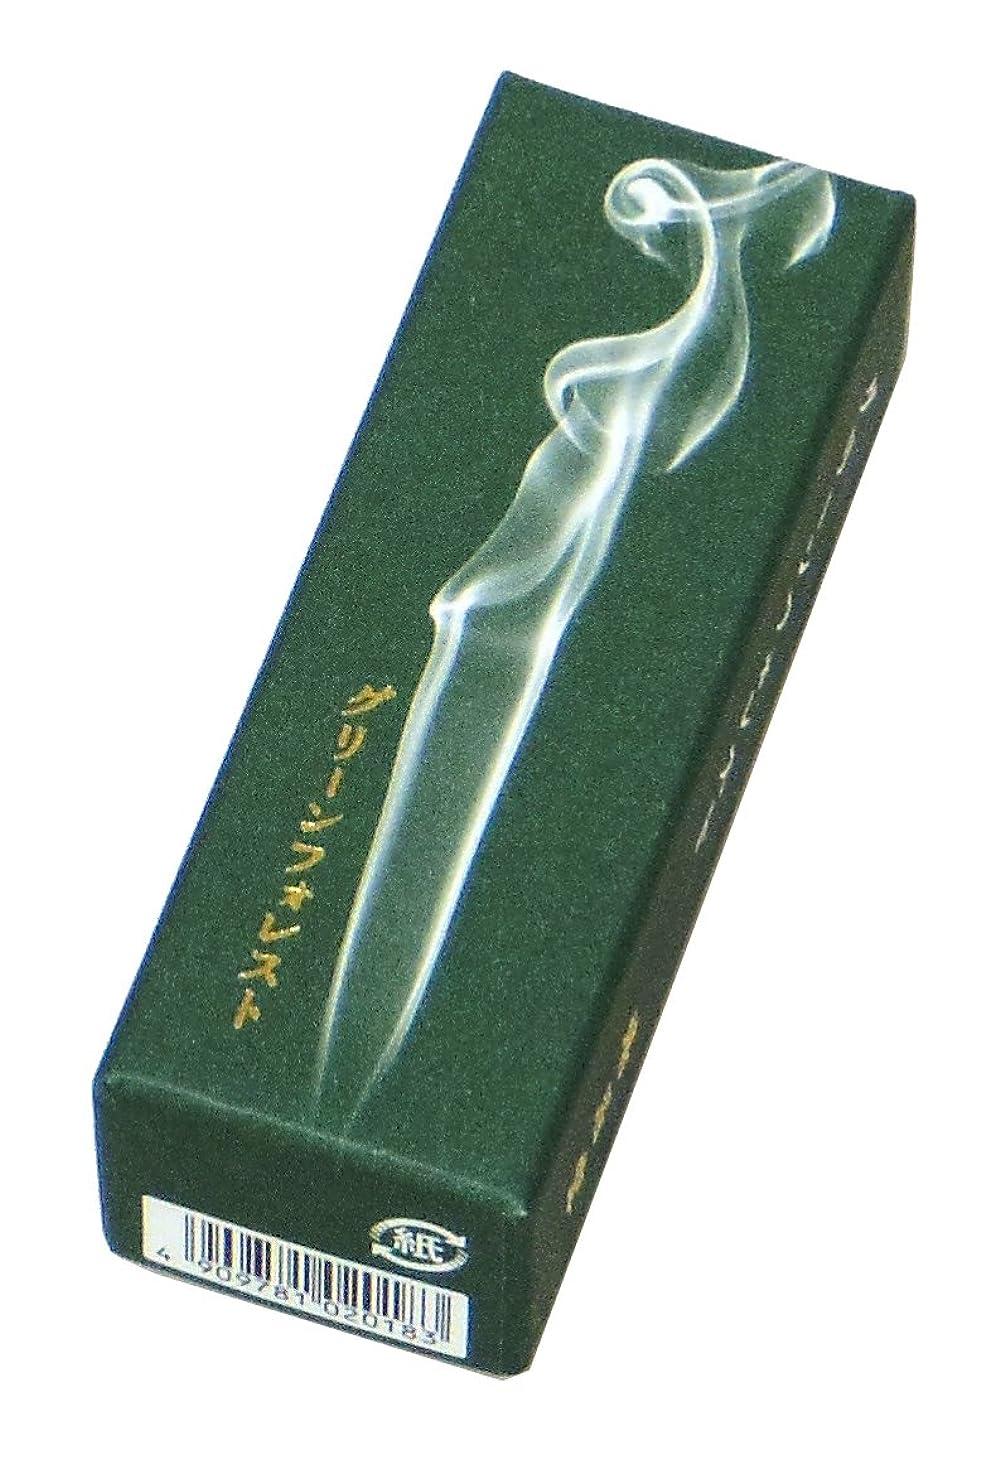 魅惑的なフィット誇張鳩居堂のお香 香水の香り グリーンフォレスト 20本入 6cm